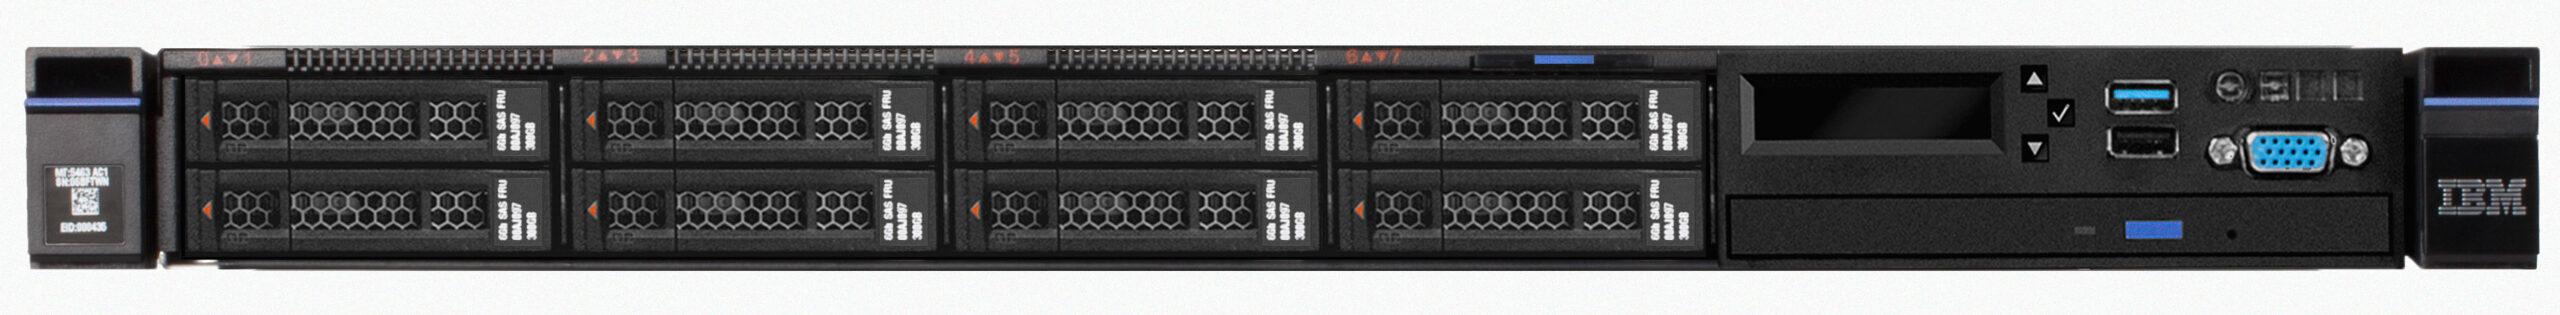 Lenovo/IBM x3550